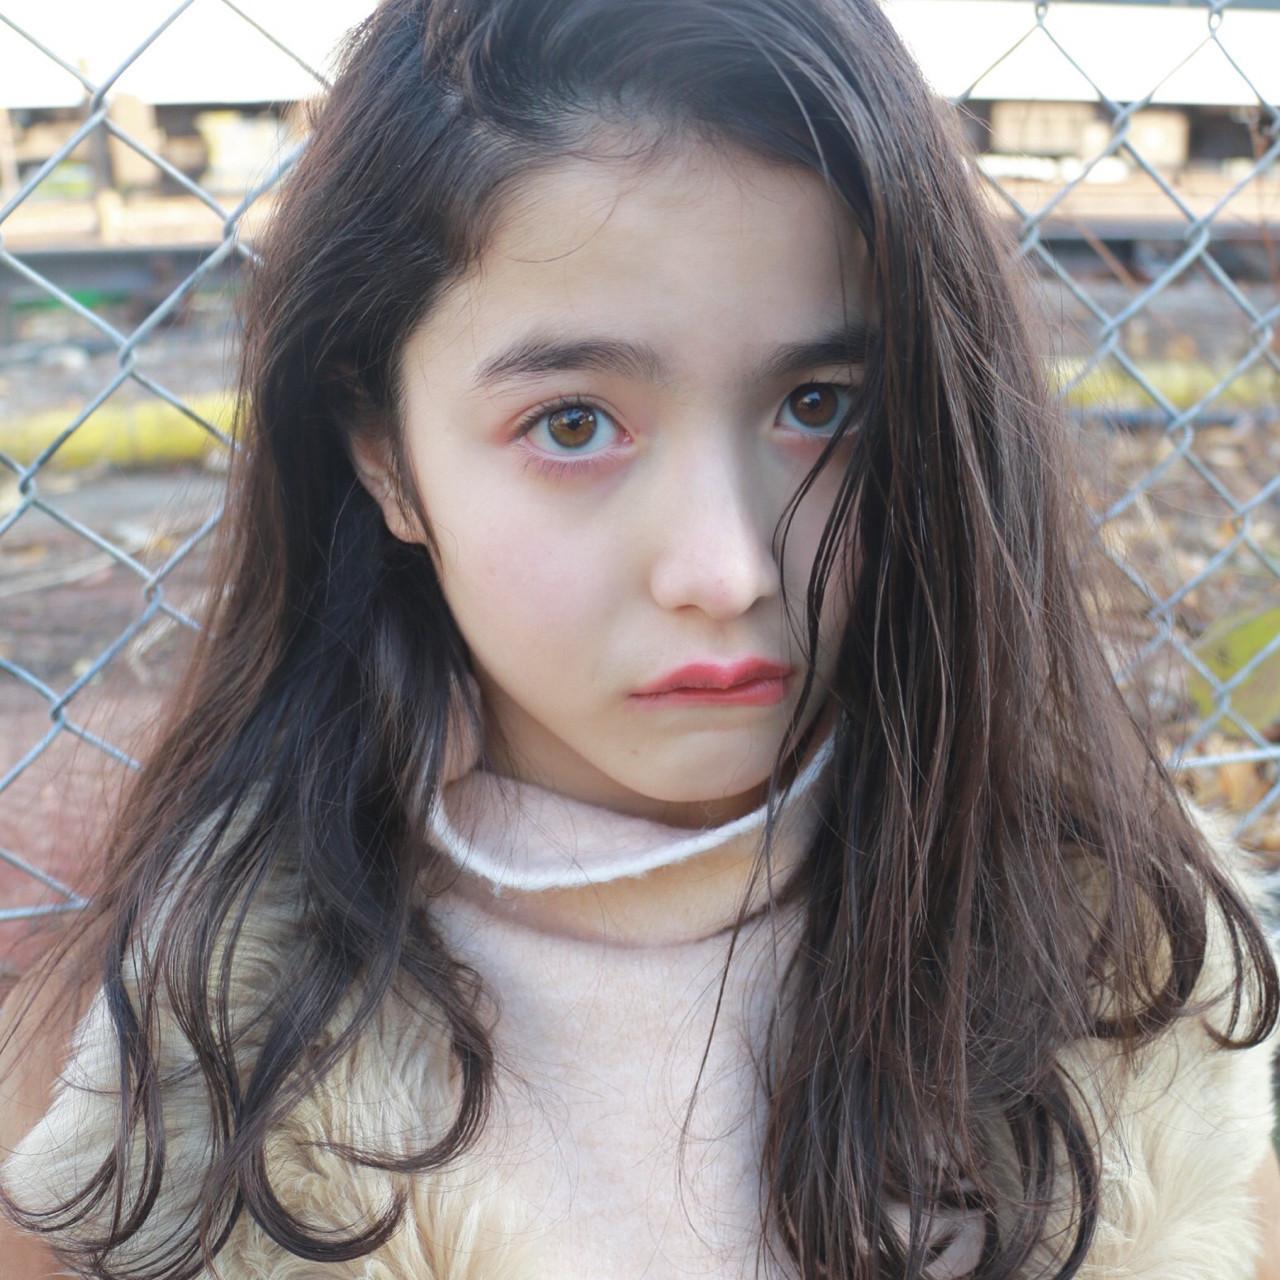 【最新版】人気のセミロングヘアはこれ♡ヘアアレンジ&髪型一覧の18枚目の画像